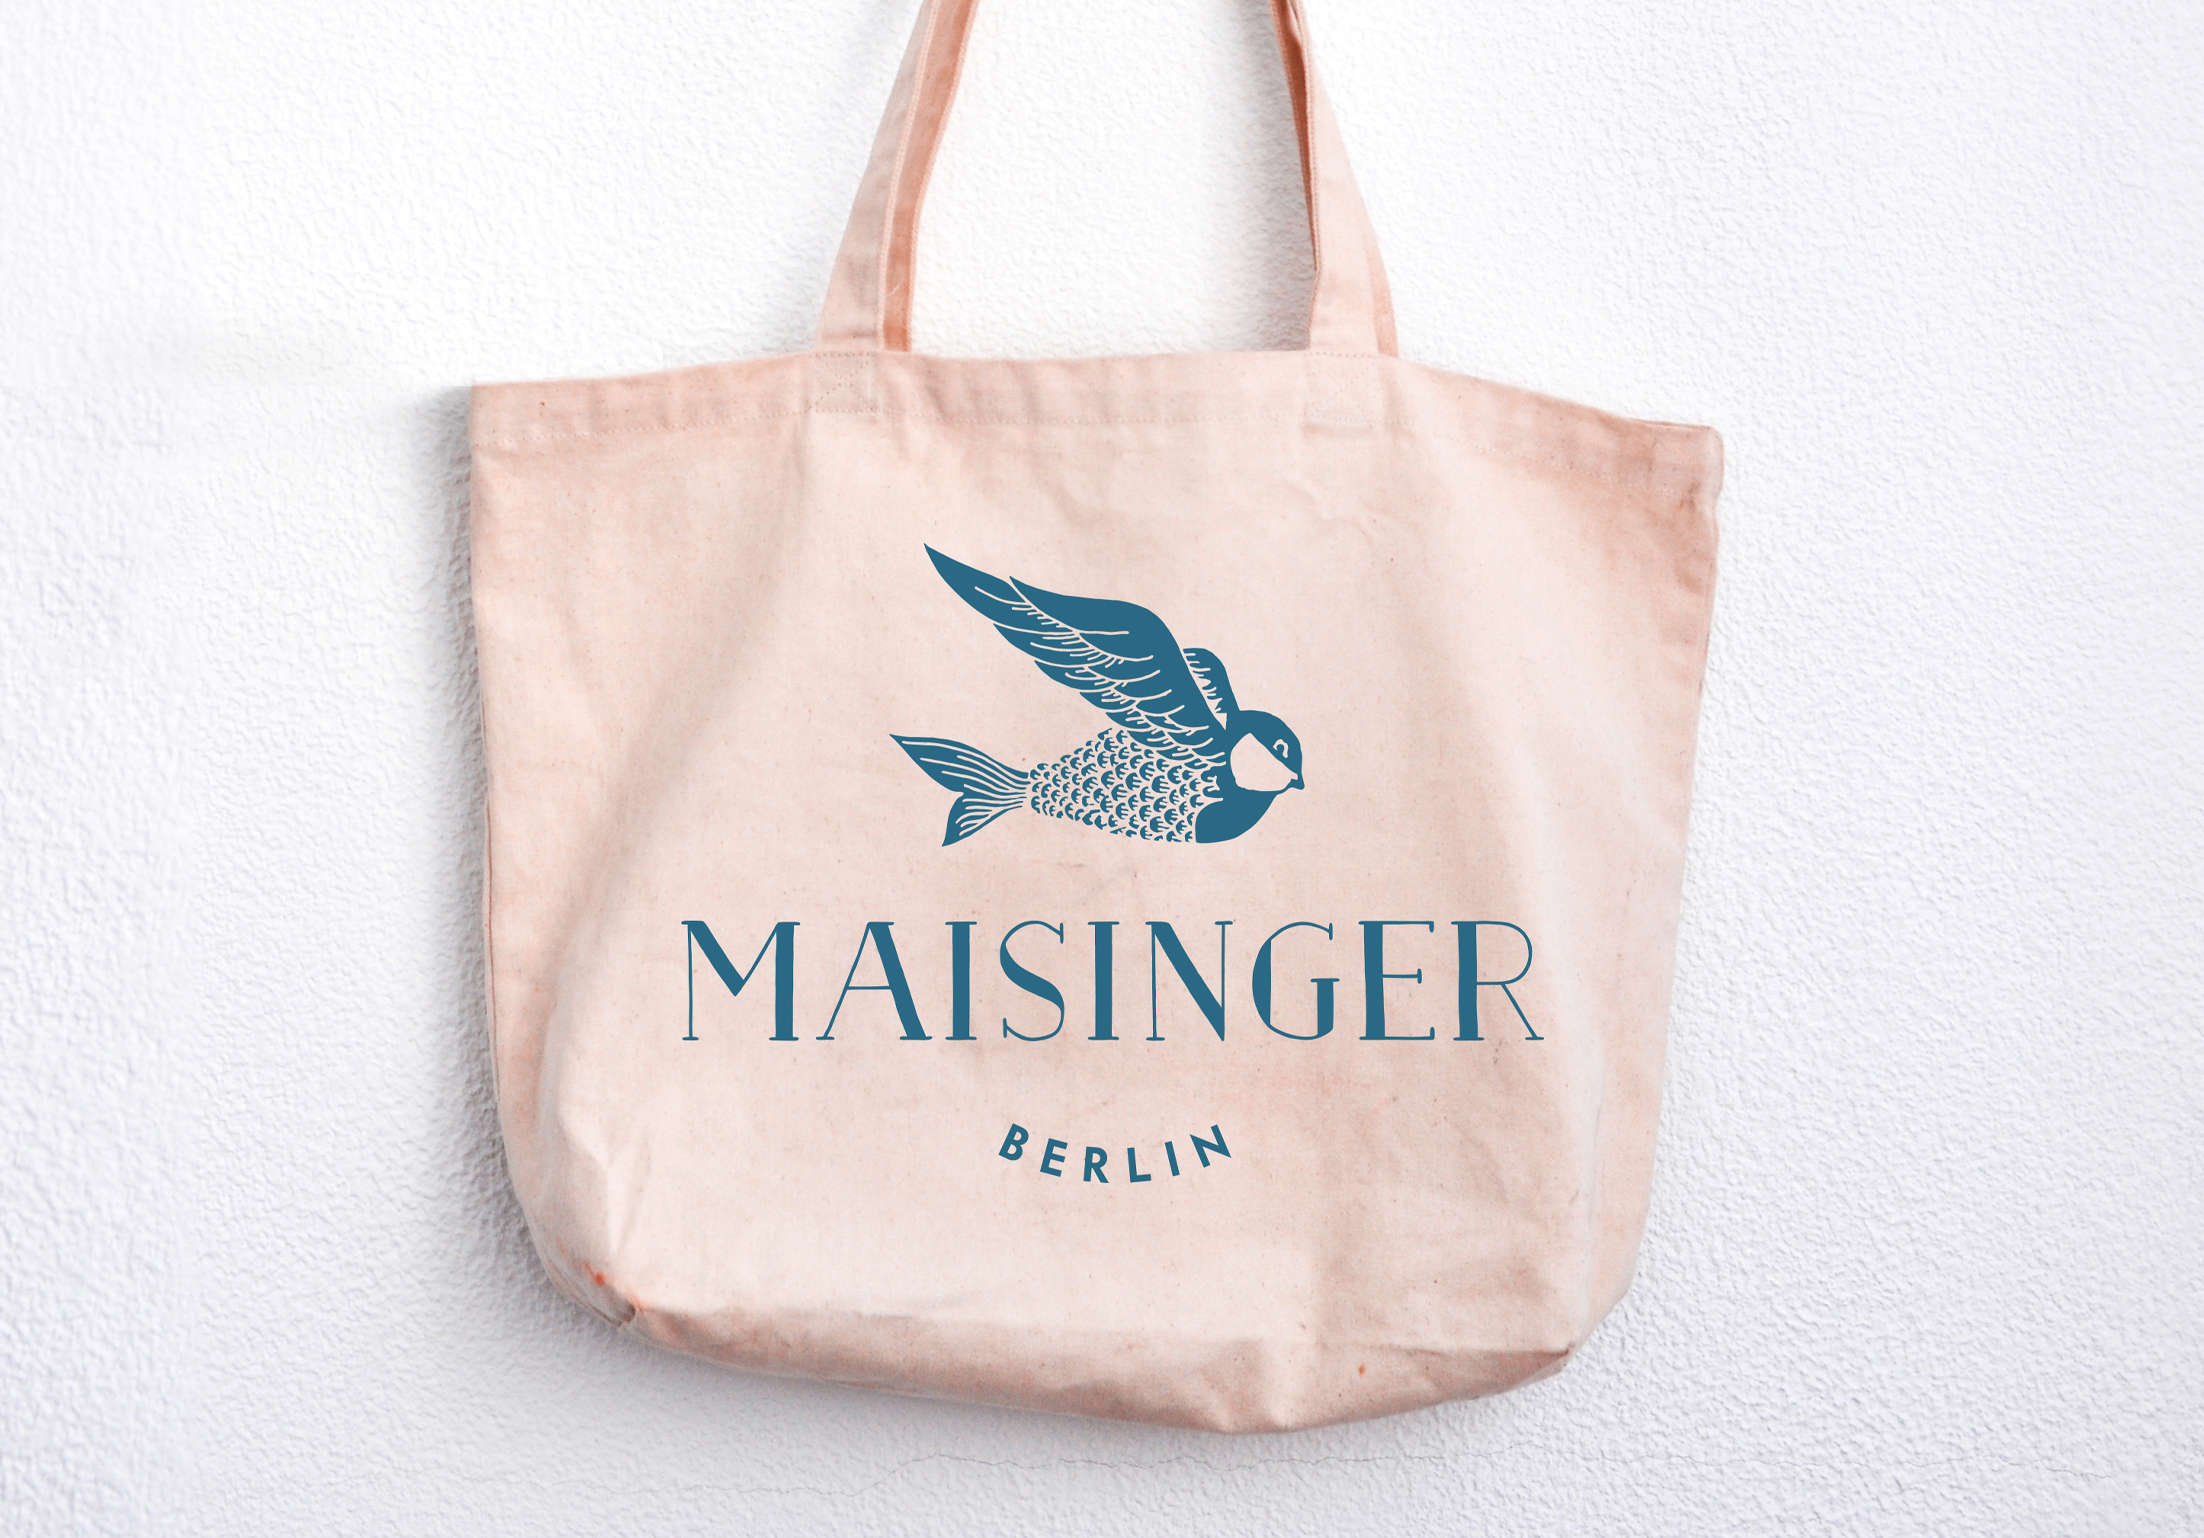 Maisinger